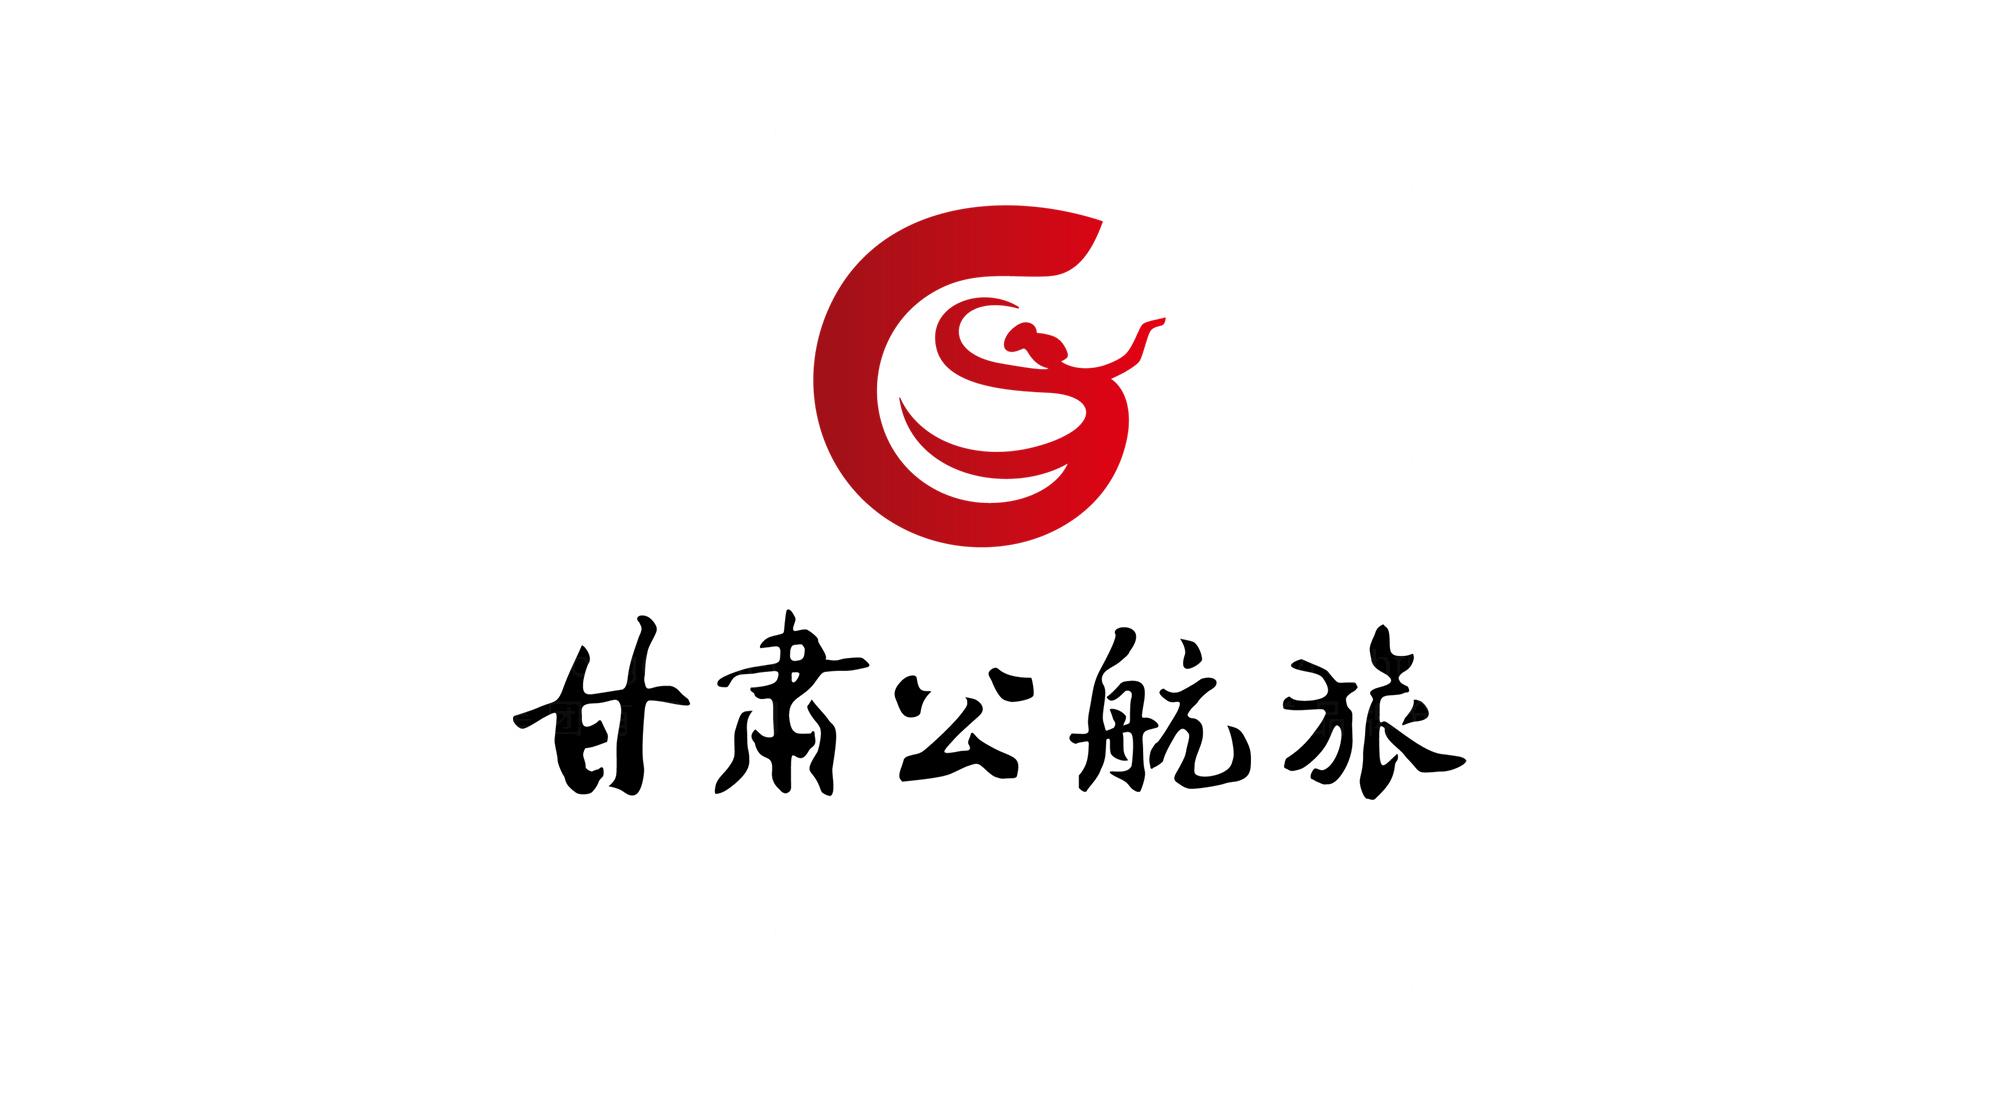 交通运输品牌设计甘肃公航旅标志设计